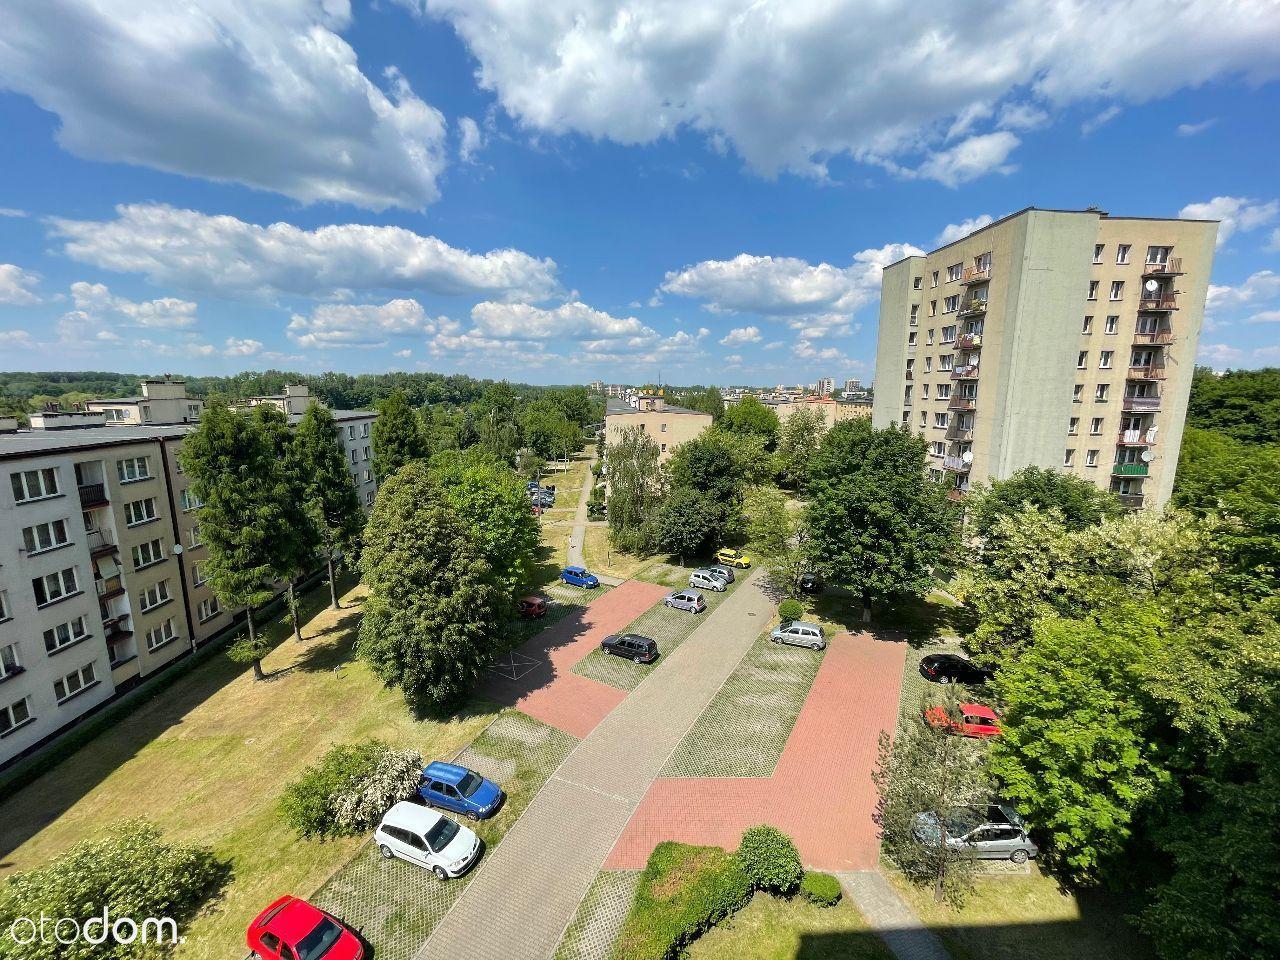 Sprzedam 3 pokoje 47m2-Chorzów Gwarecka -PRYWATNIE